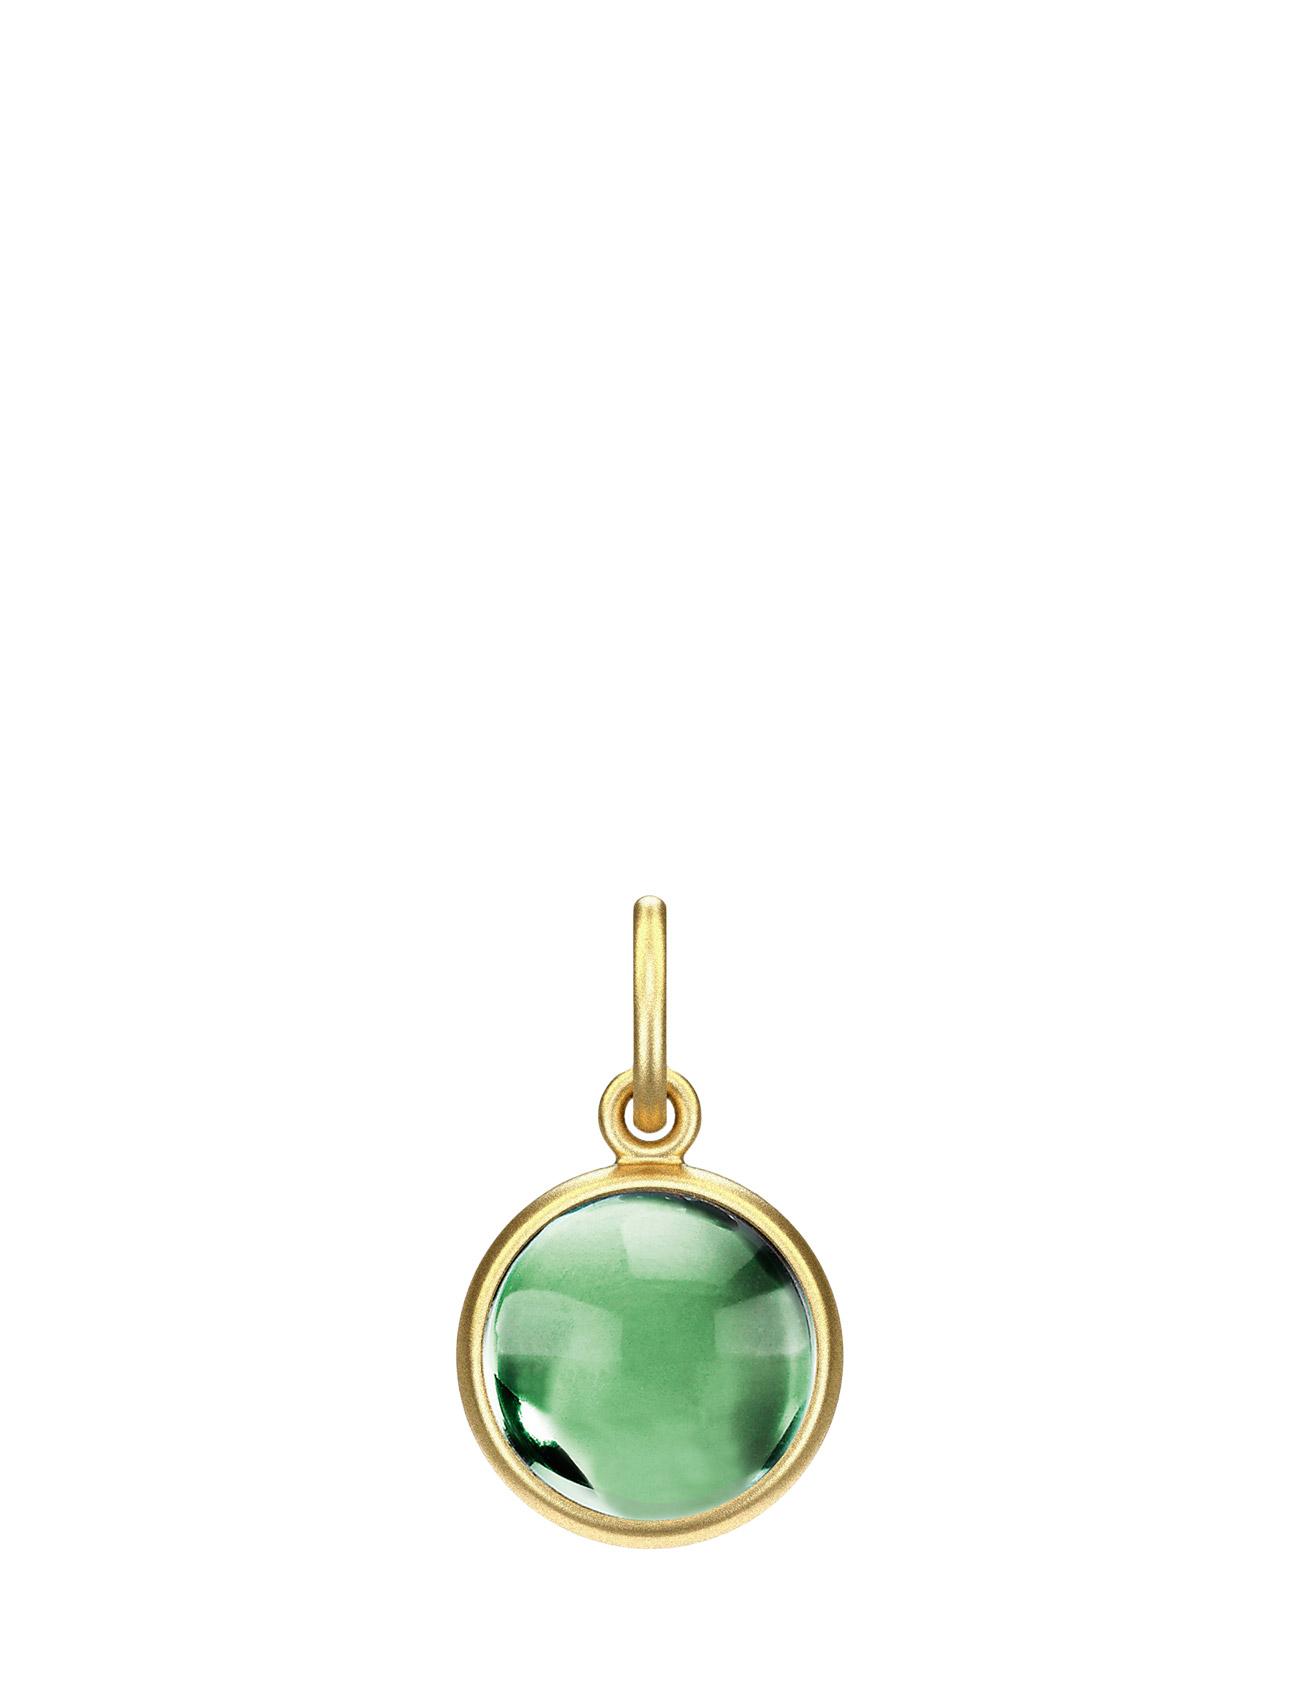 Prime Pendant - Gold Julie Sandlau Accessories til Kvinder i Grøn